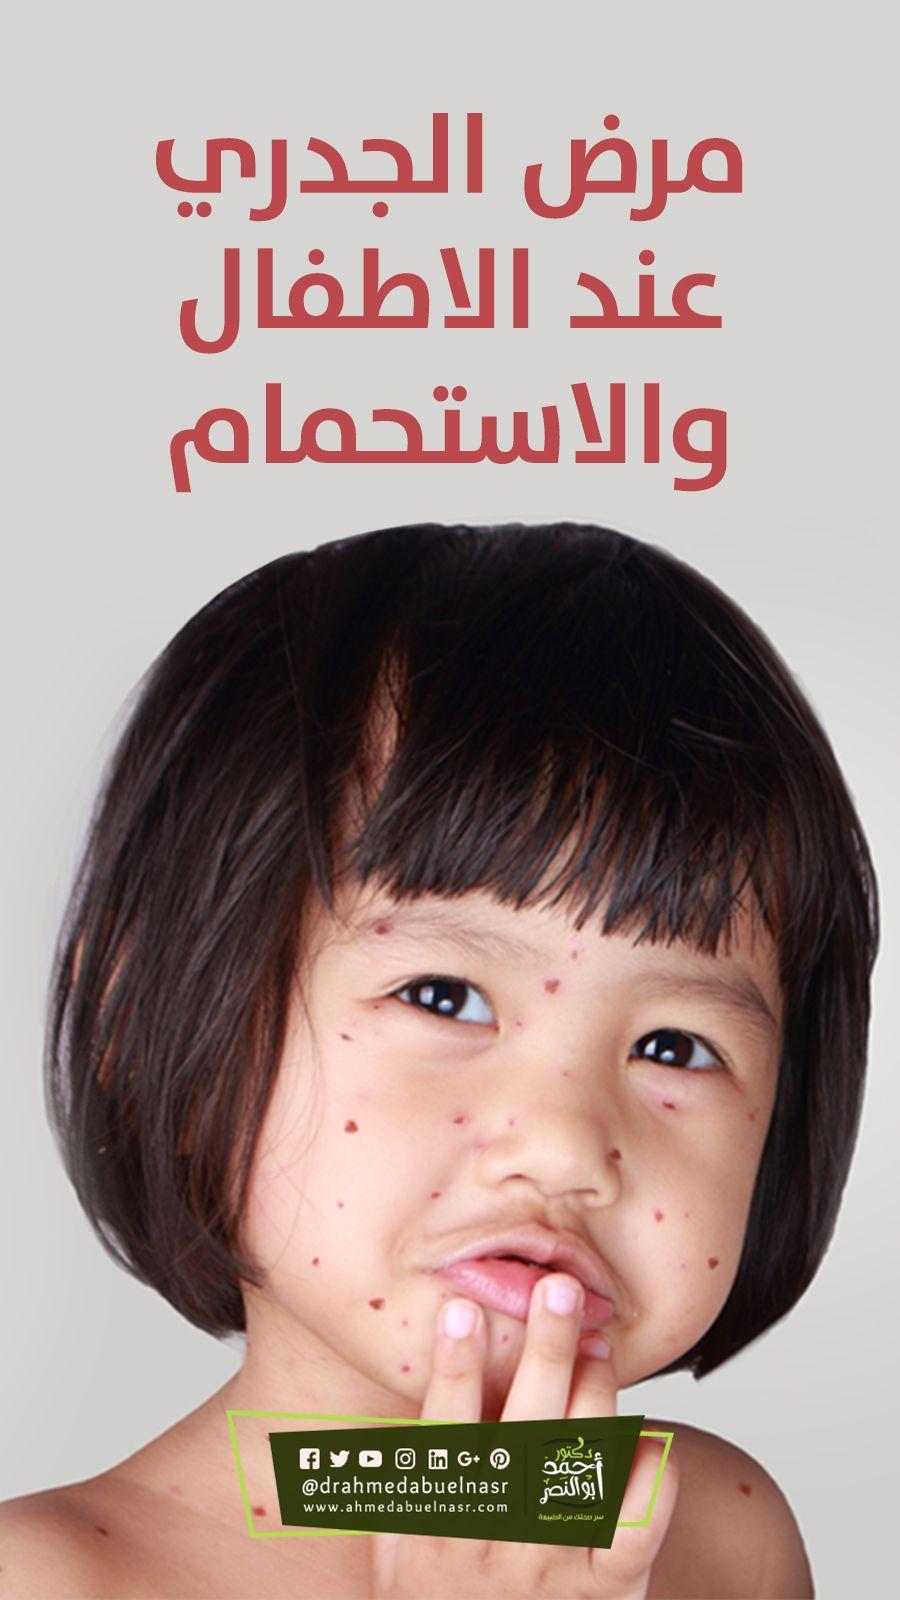 مرض الجدري عند الاطفال والاستحمام